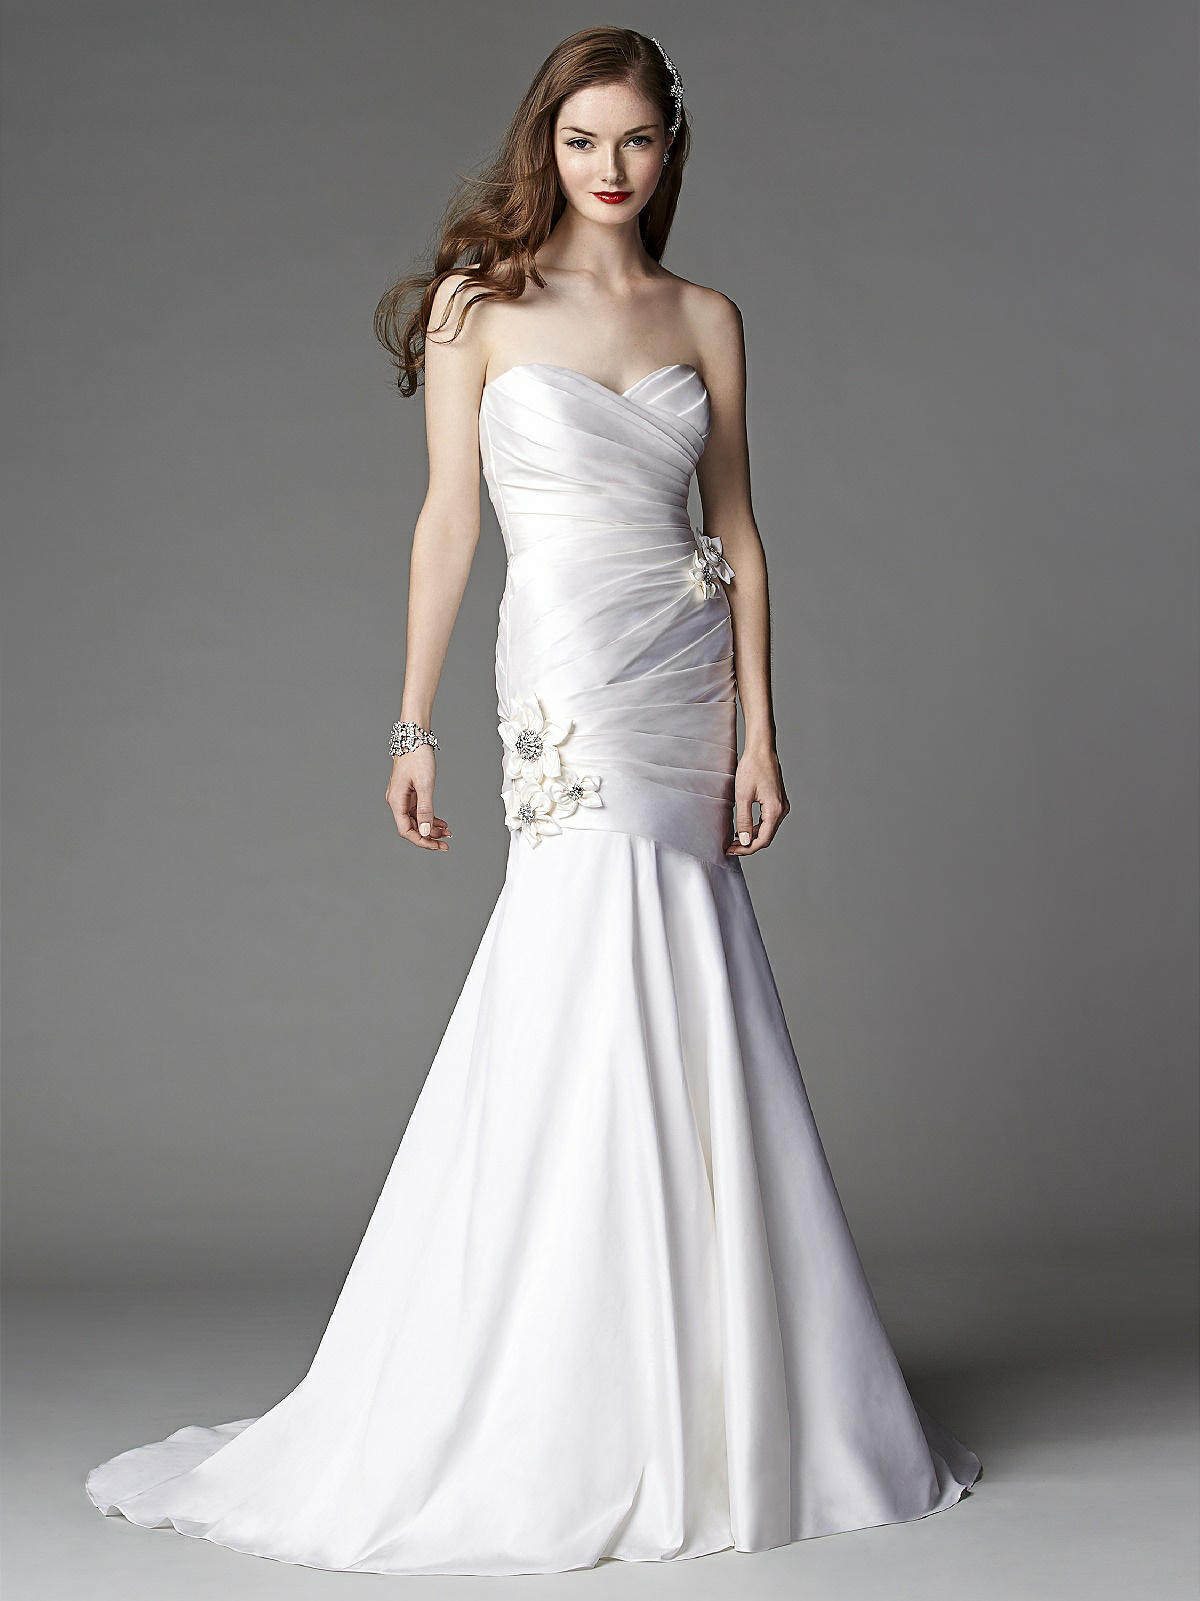 After Six Wedding Dress 1047 Wedding Dress